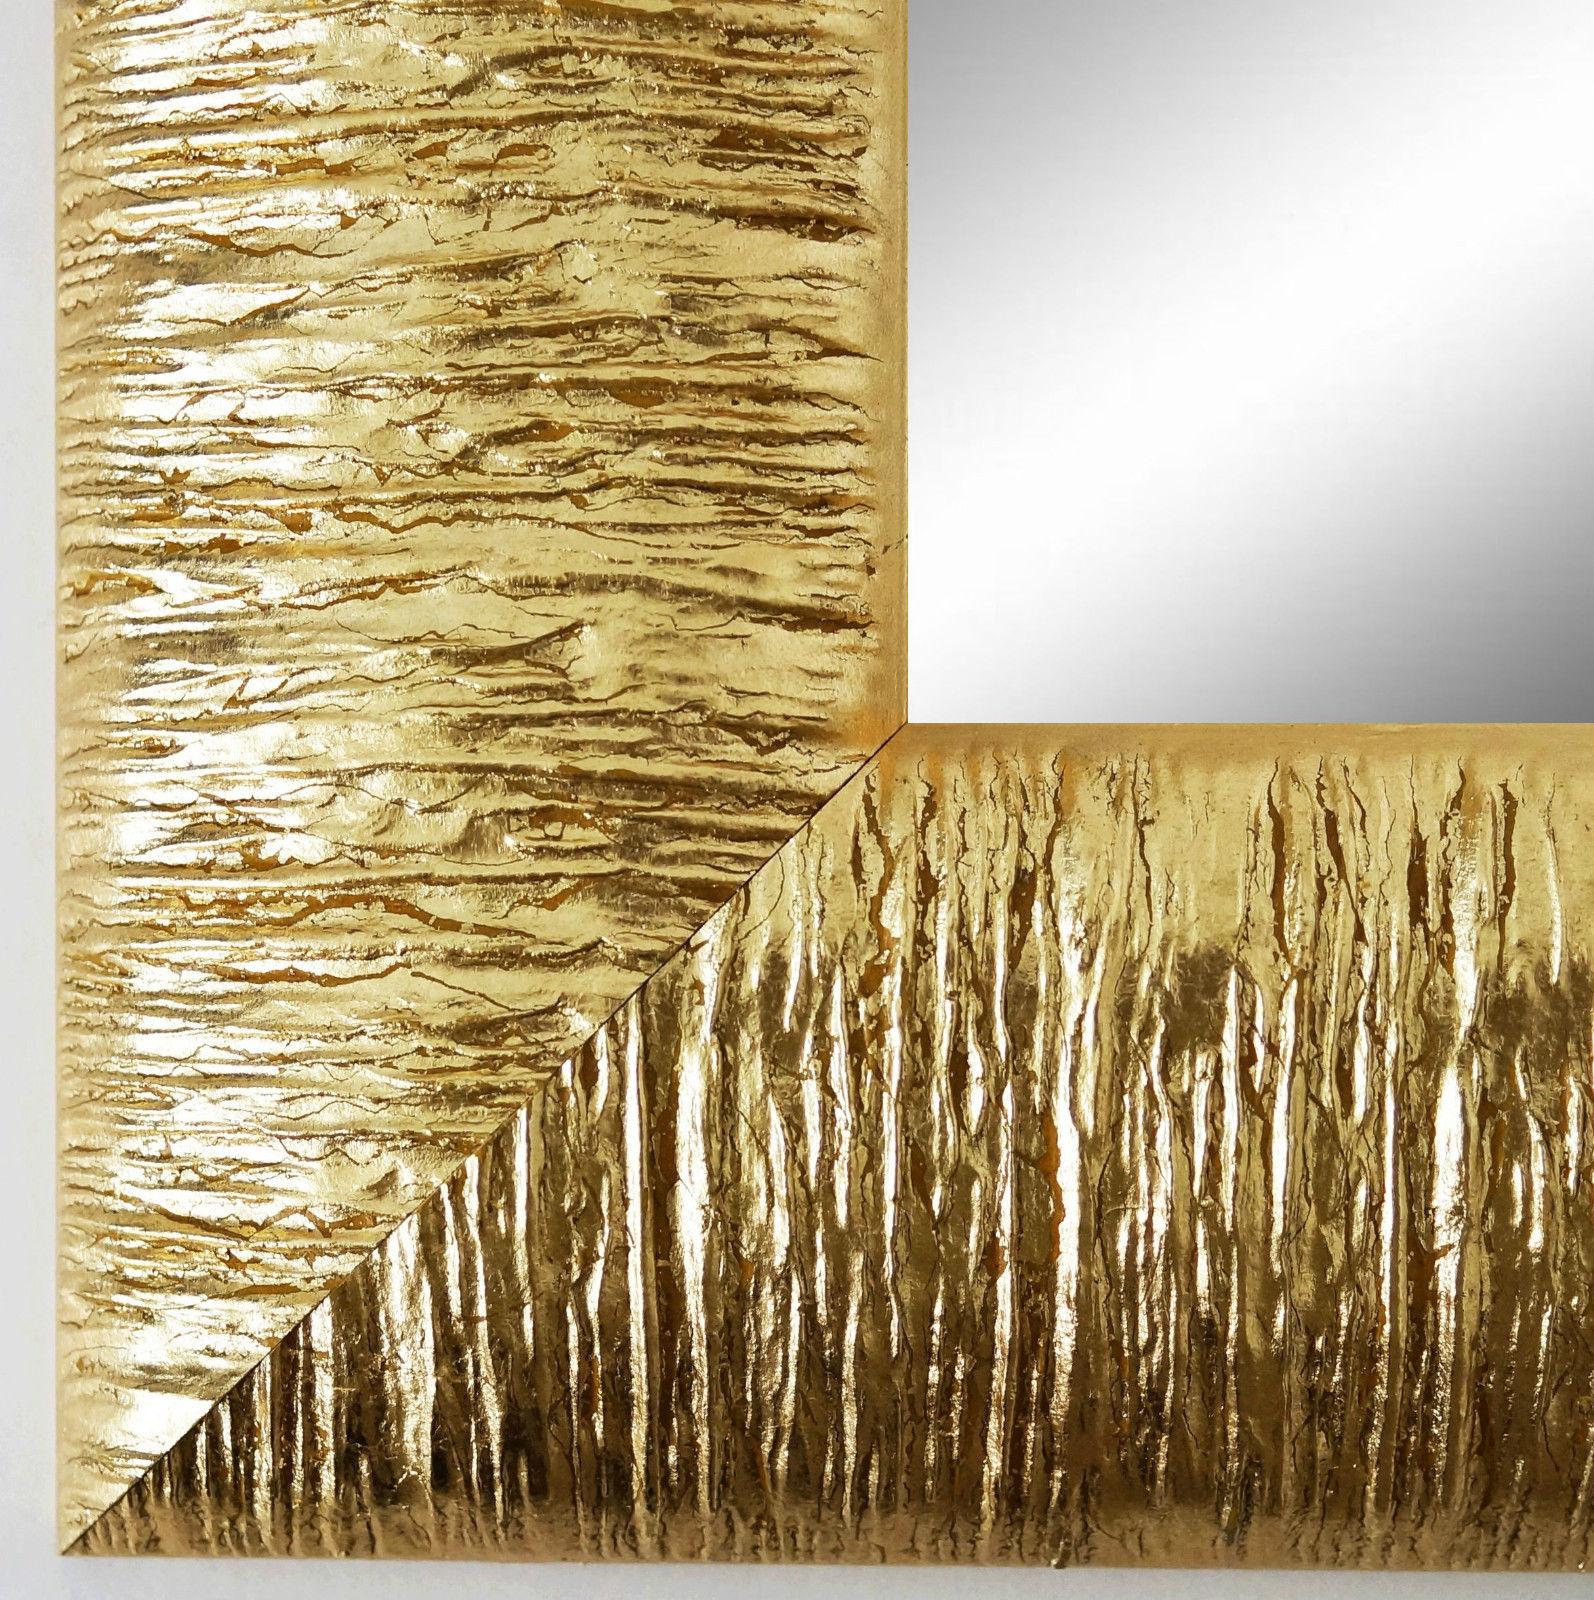 wandspiegel design modern neu deko wandspiegel wohnzimmer dekoration bad fresko interessant. Black Bedroom Furniture Sets. Home Design Ideas